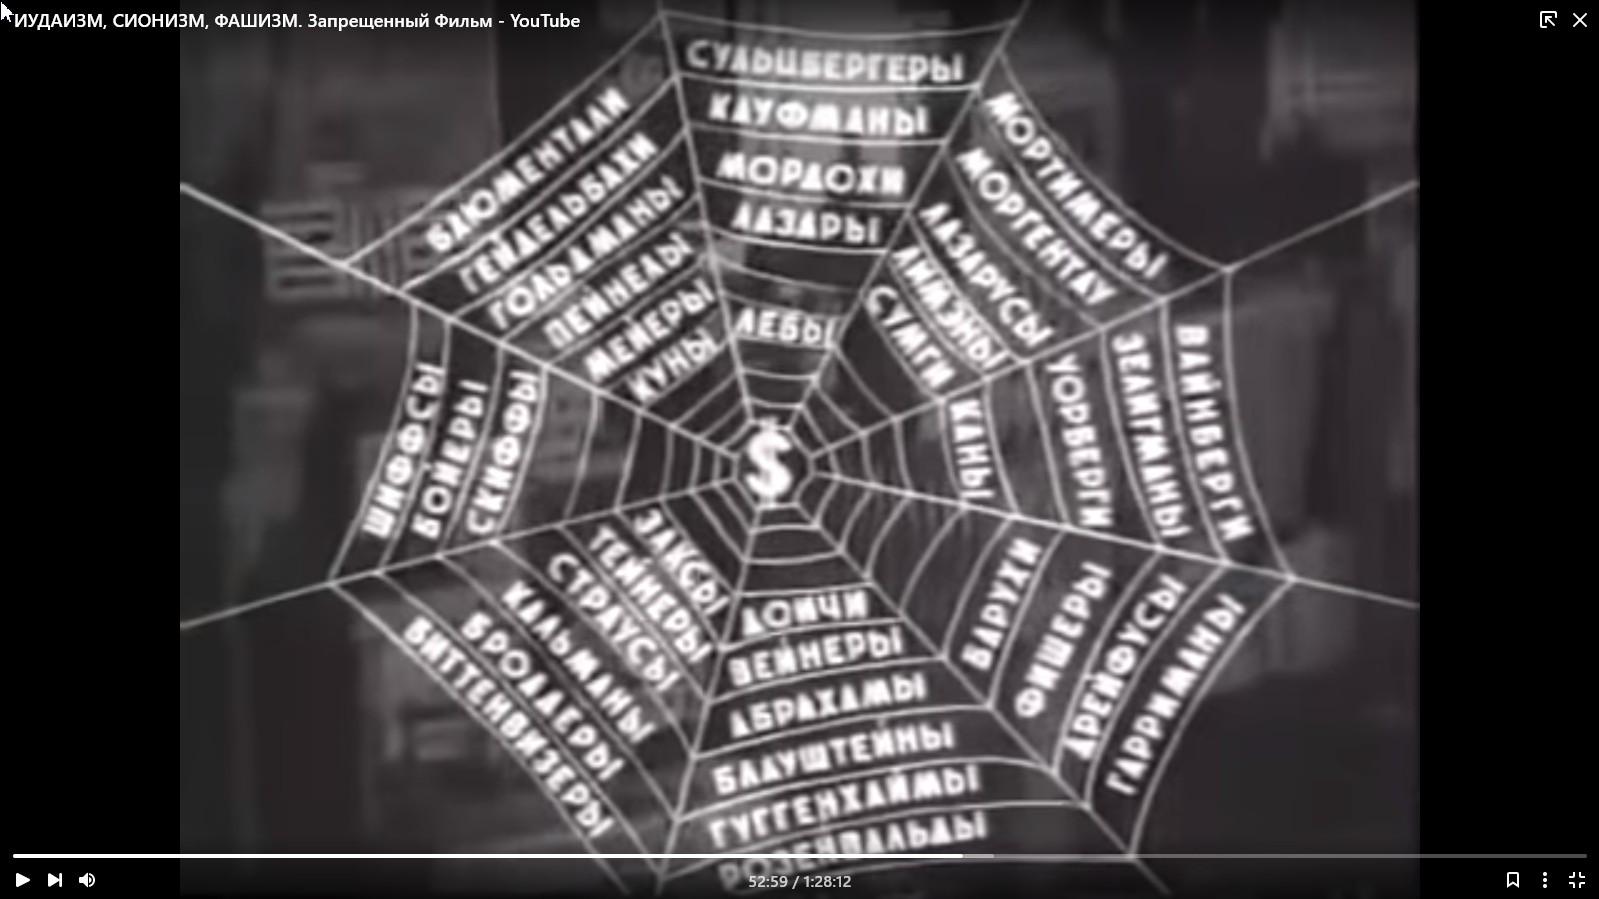 Этот уникальный фильм «Империализм и Сионизм» был создан в начале 70-х годов по поручению Политбюро ЦК КПСС и при содействии КГБ СССР. В нем были представлены документы и факты потрясающей разоблачительной силы.Однако показ в широком прокате был отложен, а позднее, уже в период перестройки, почти все напечатанные копии его были уничтожены.